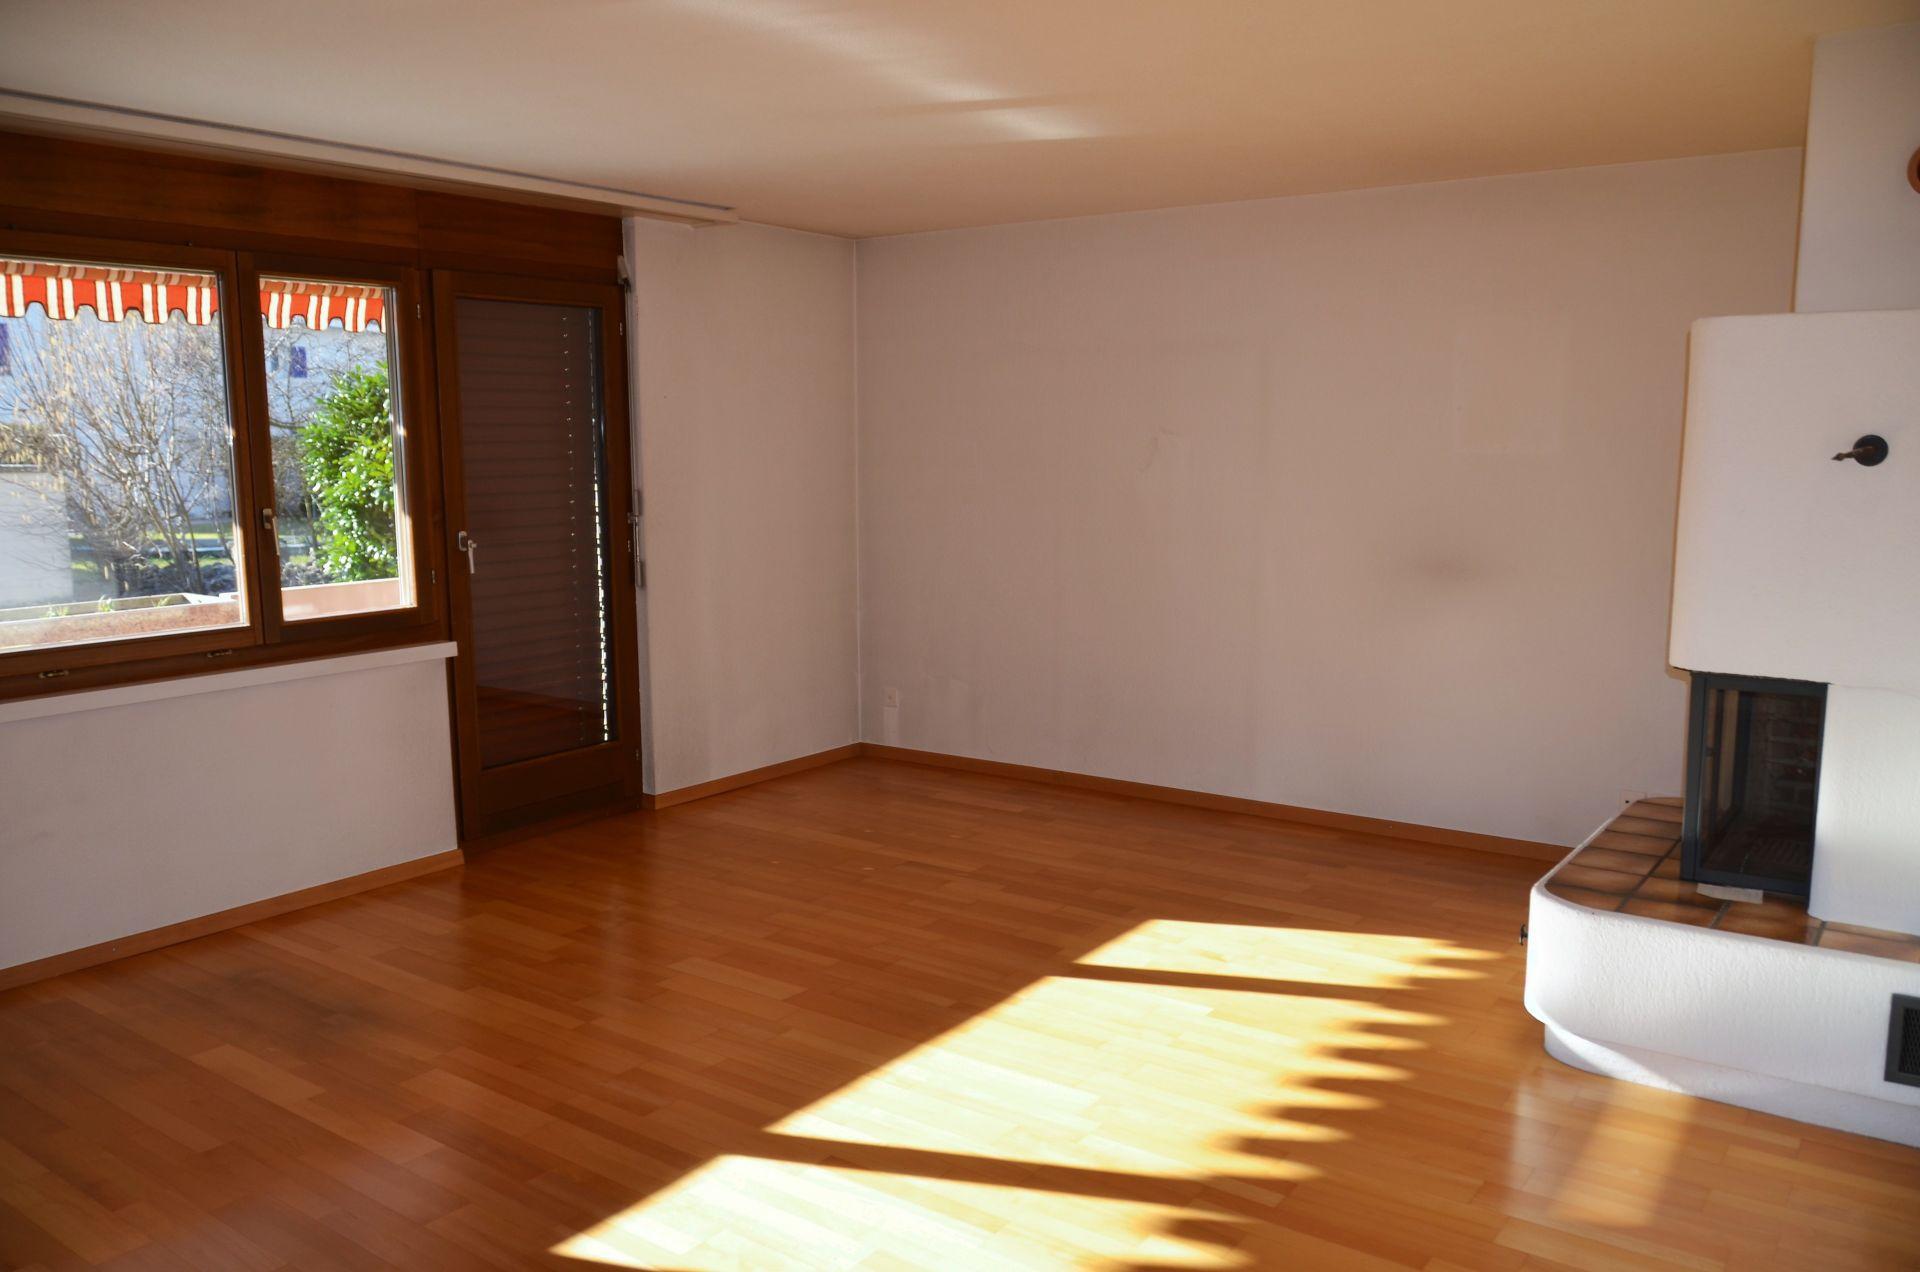 Wohnbereich mit Cheminée und Balkon